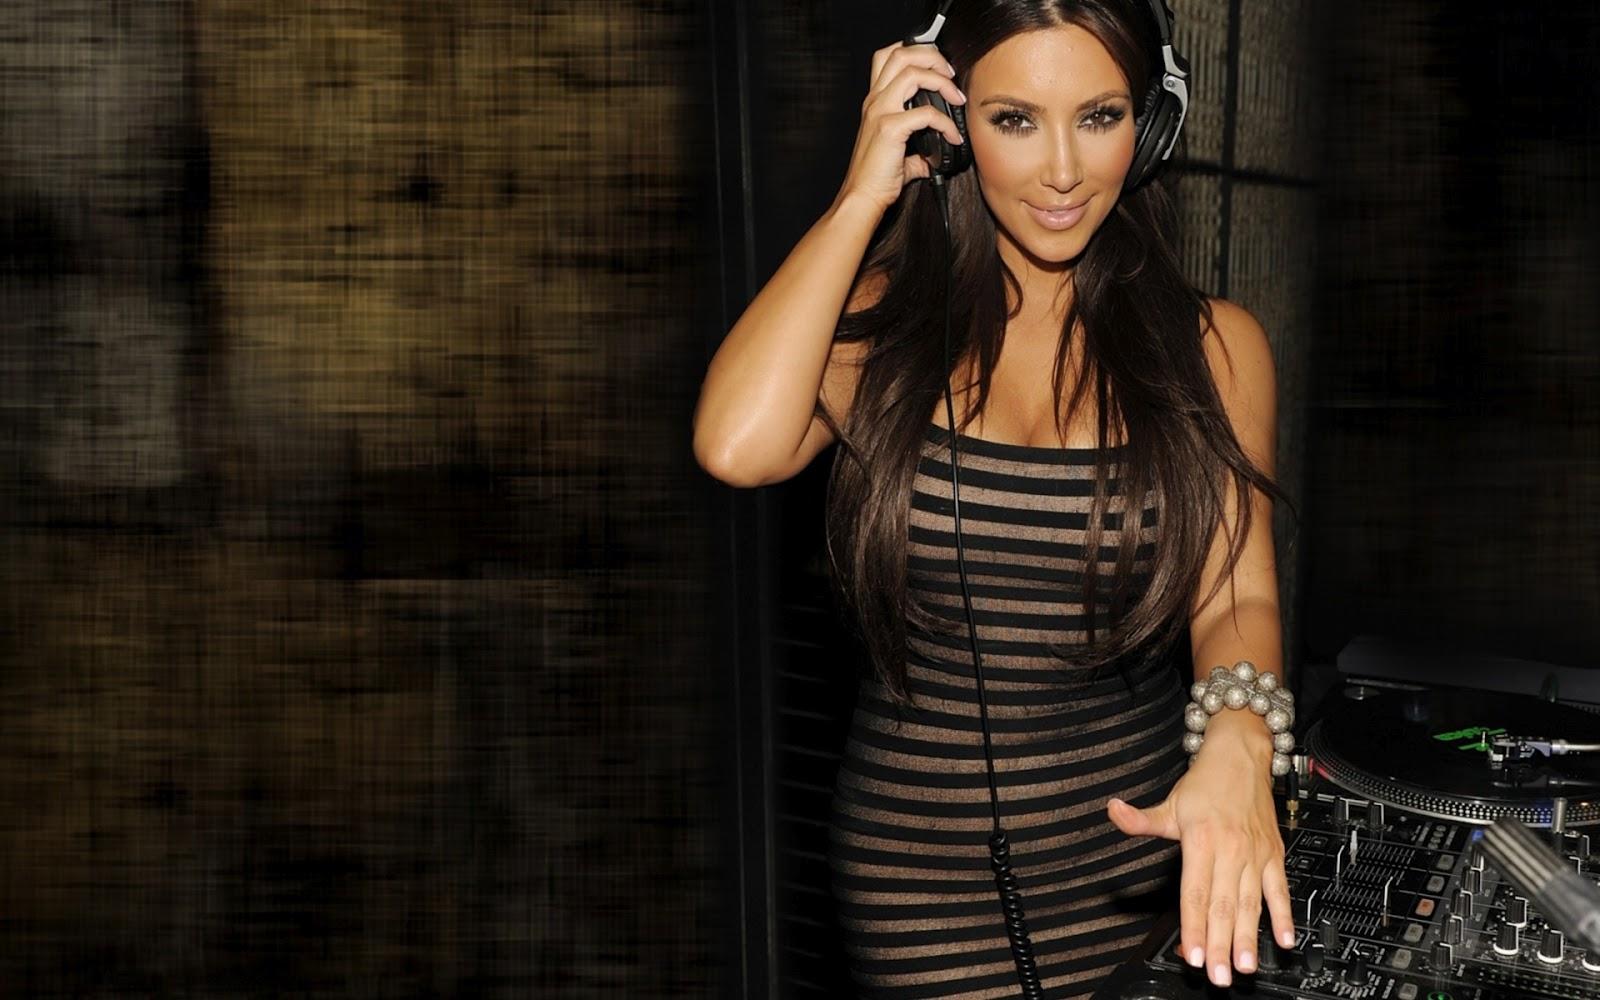 http://1.bp.blogspot.com/-vct3NnbdvLI/T9G8cfmDiQI/AAAAAAAAAOs/Bf5yDWbgJB4/s1600/kim_kardashian_as_dj-1920x1200.jpg